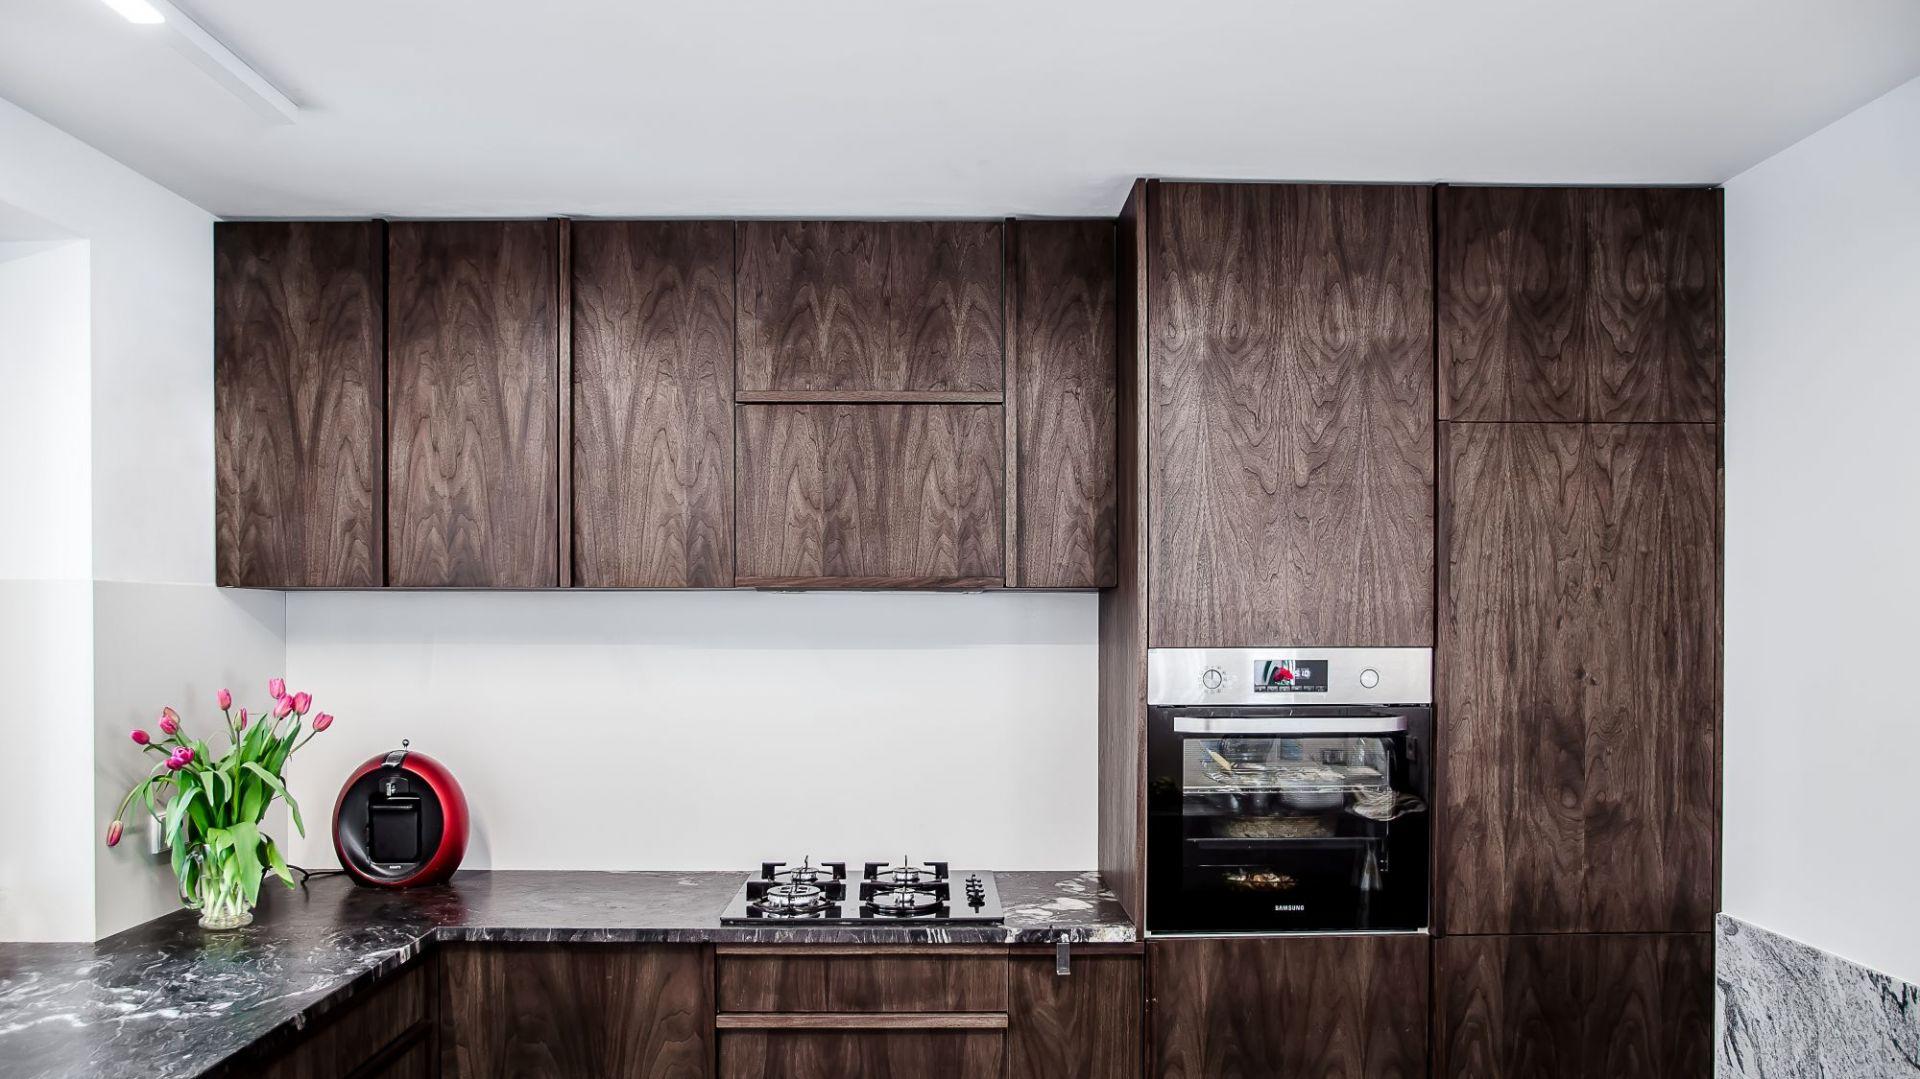 Przebudowa domu w Kiekrzu. Projekt: Biuro projektowe Atelier Starzak Strebicki. Fot. Mateusz Bieniaszczyk